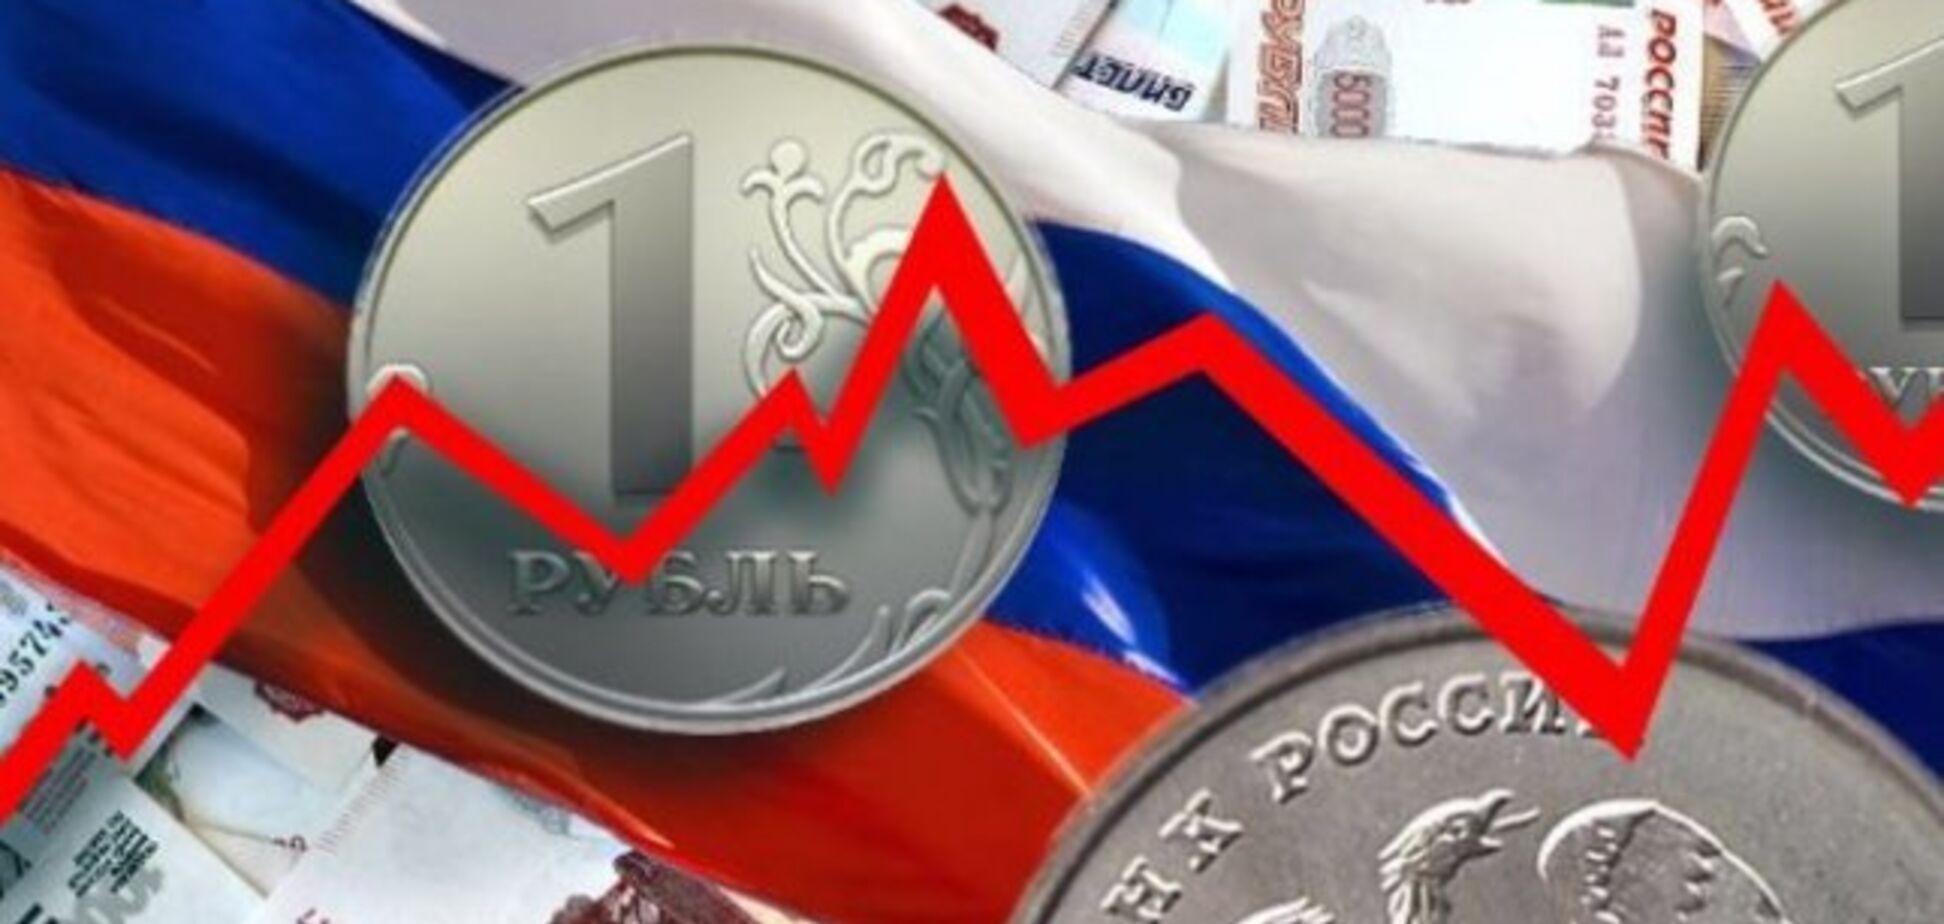 'Россиян ждет инфляционный шок': рублю предрекли сильное подешевление